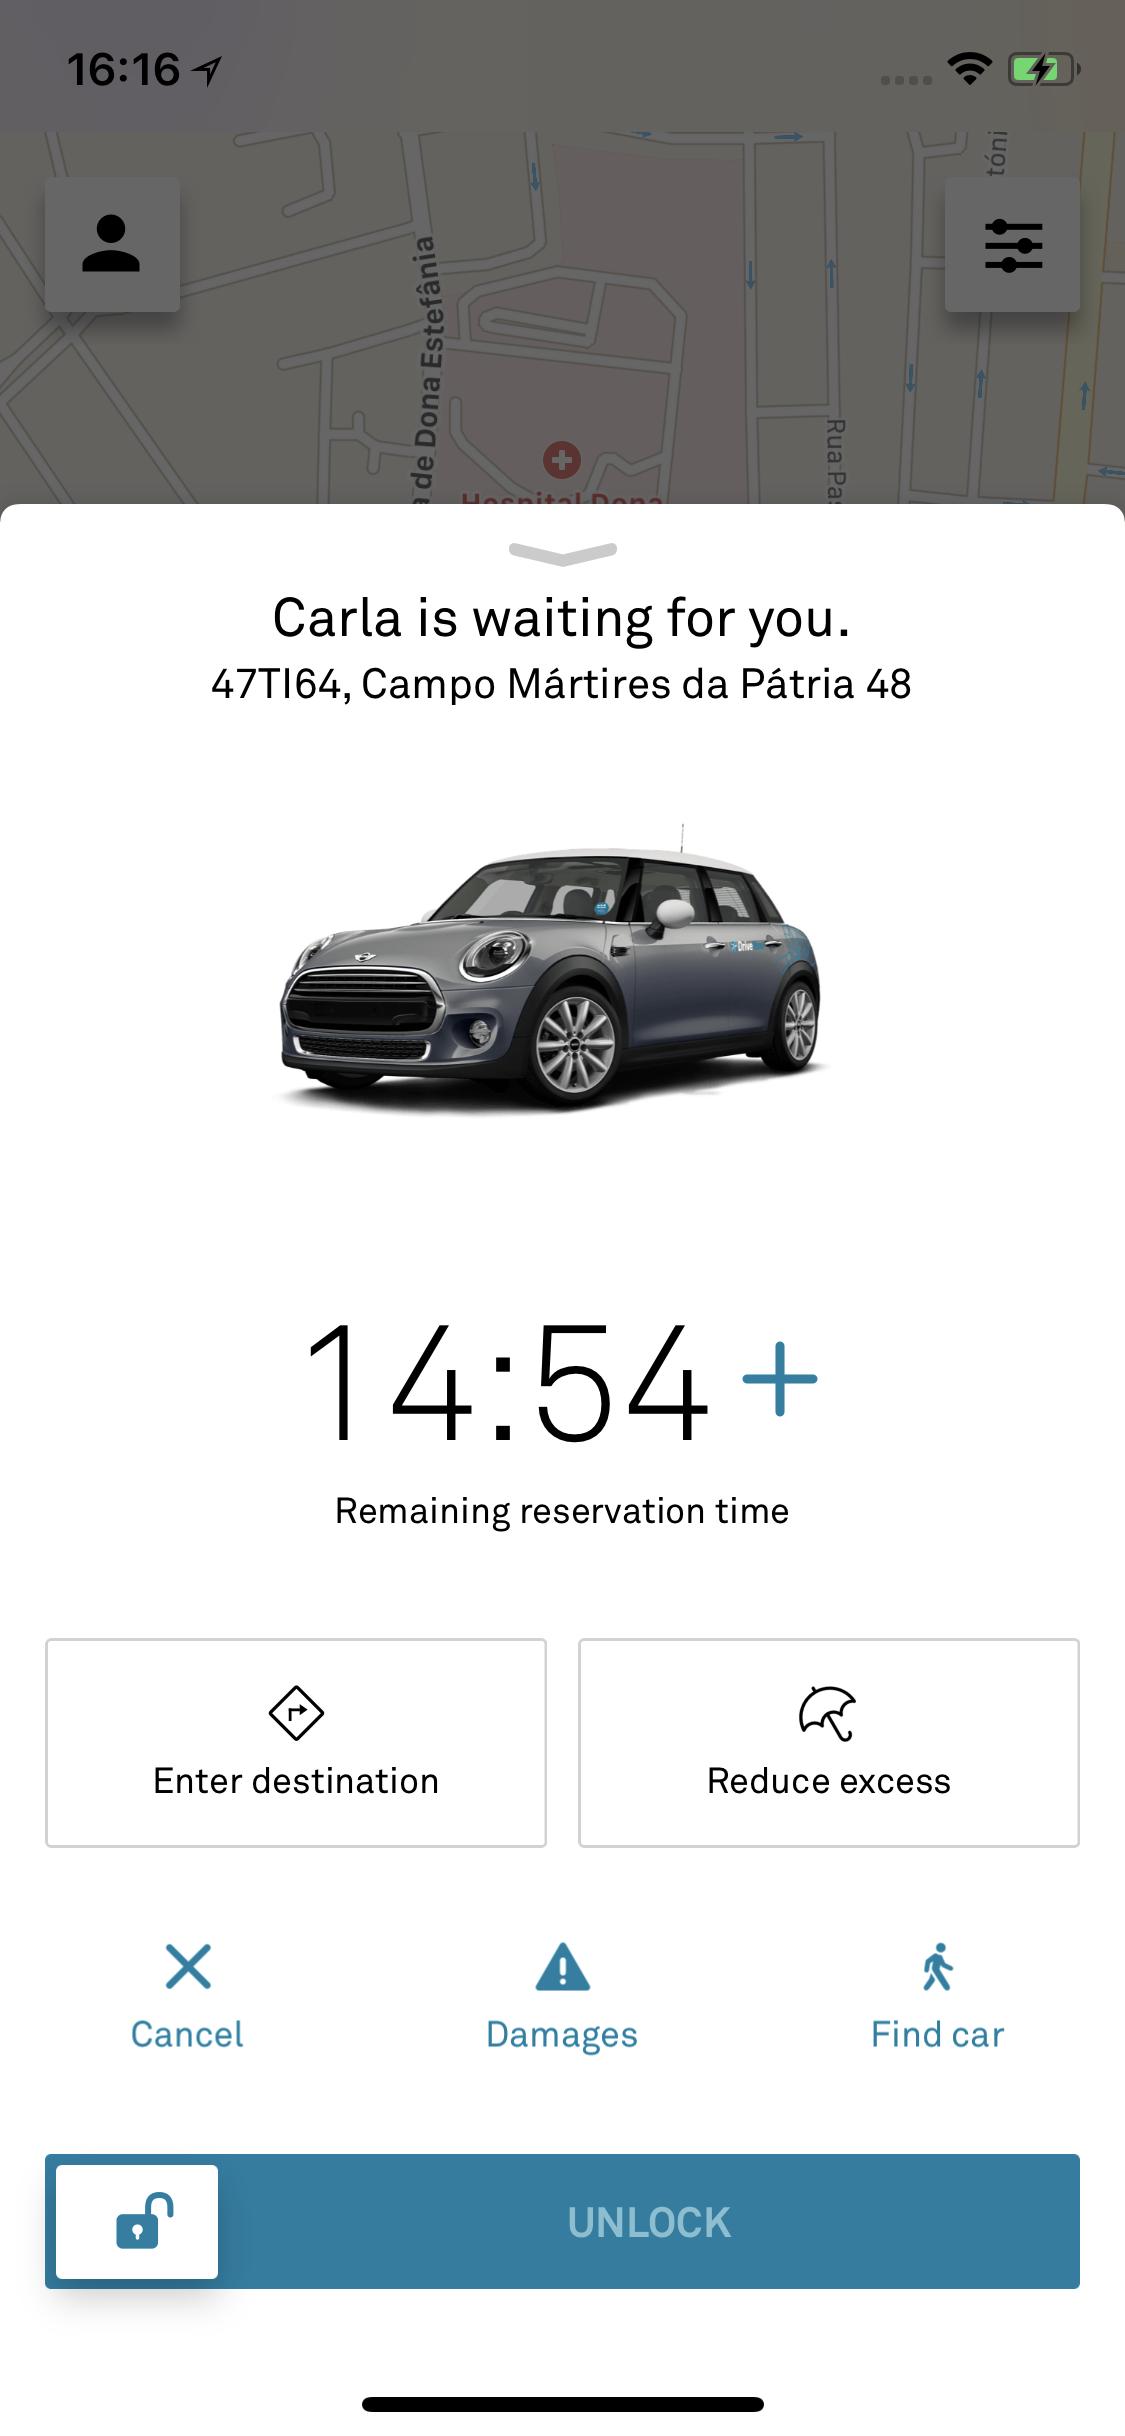 PT_carsharing_tips-tricks_plan-trip